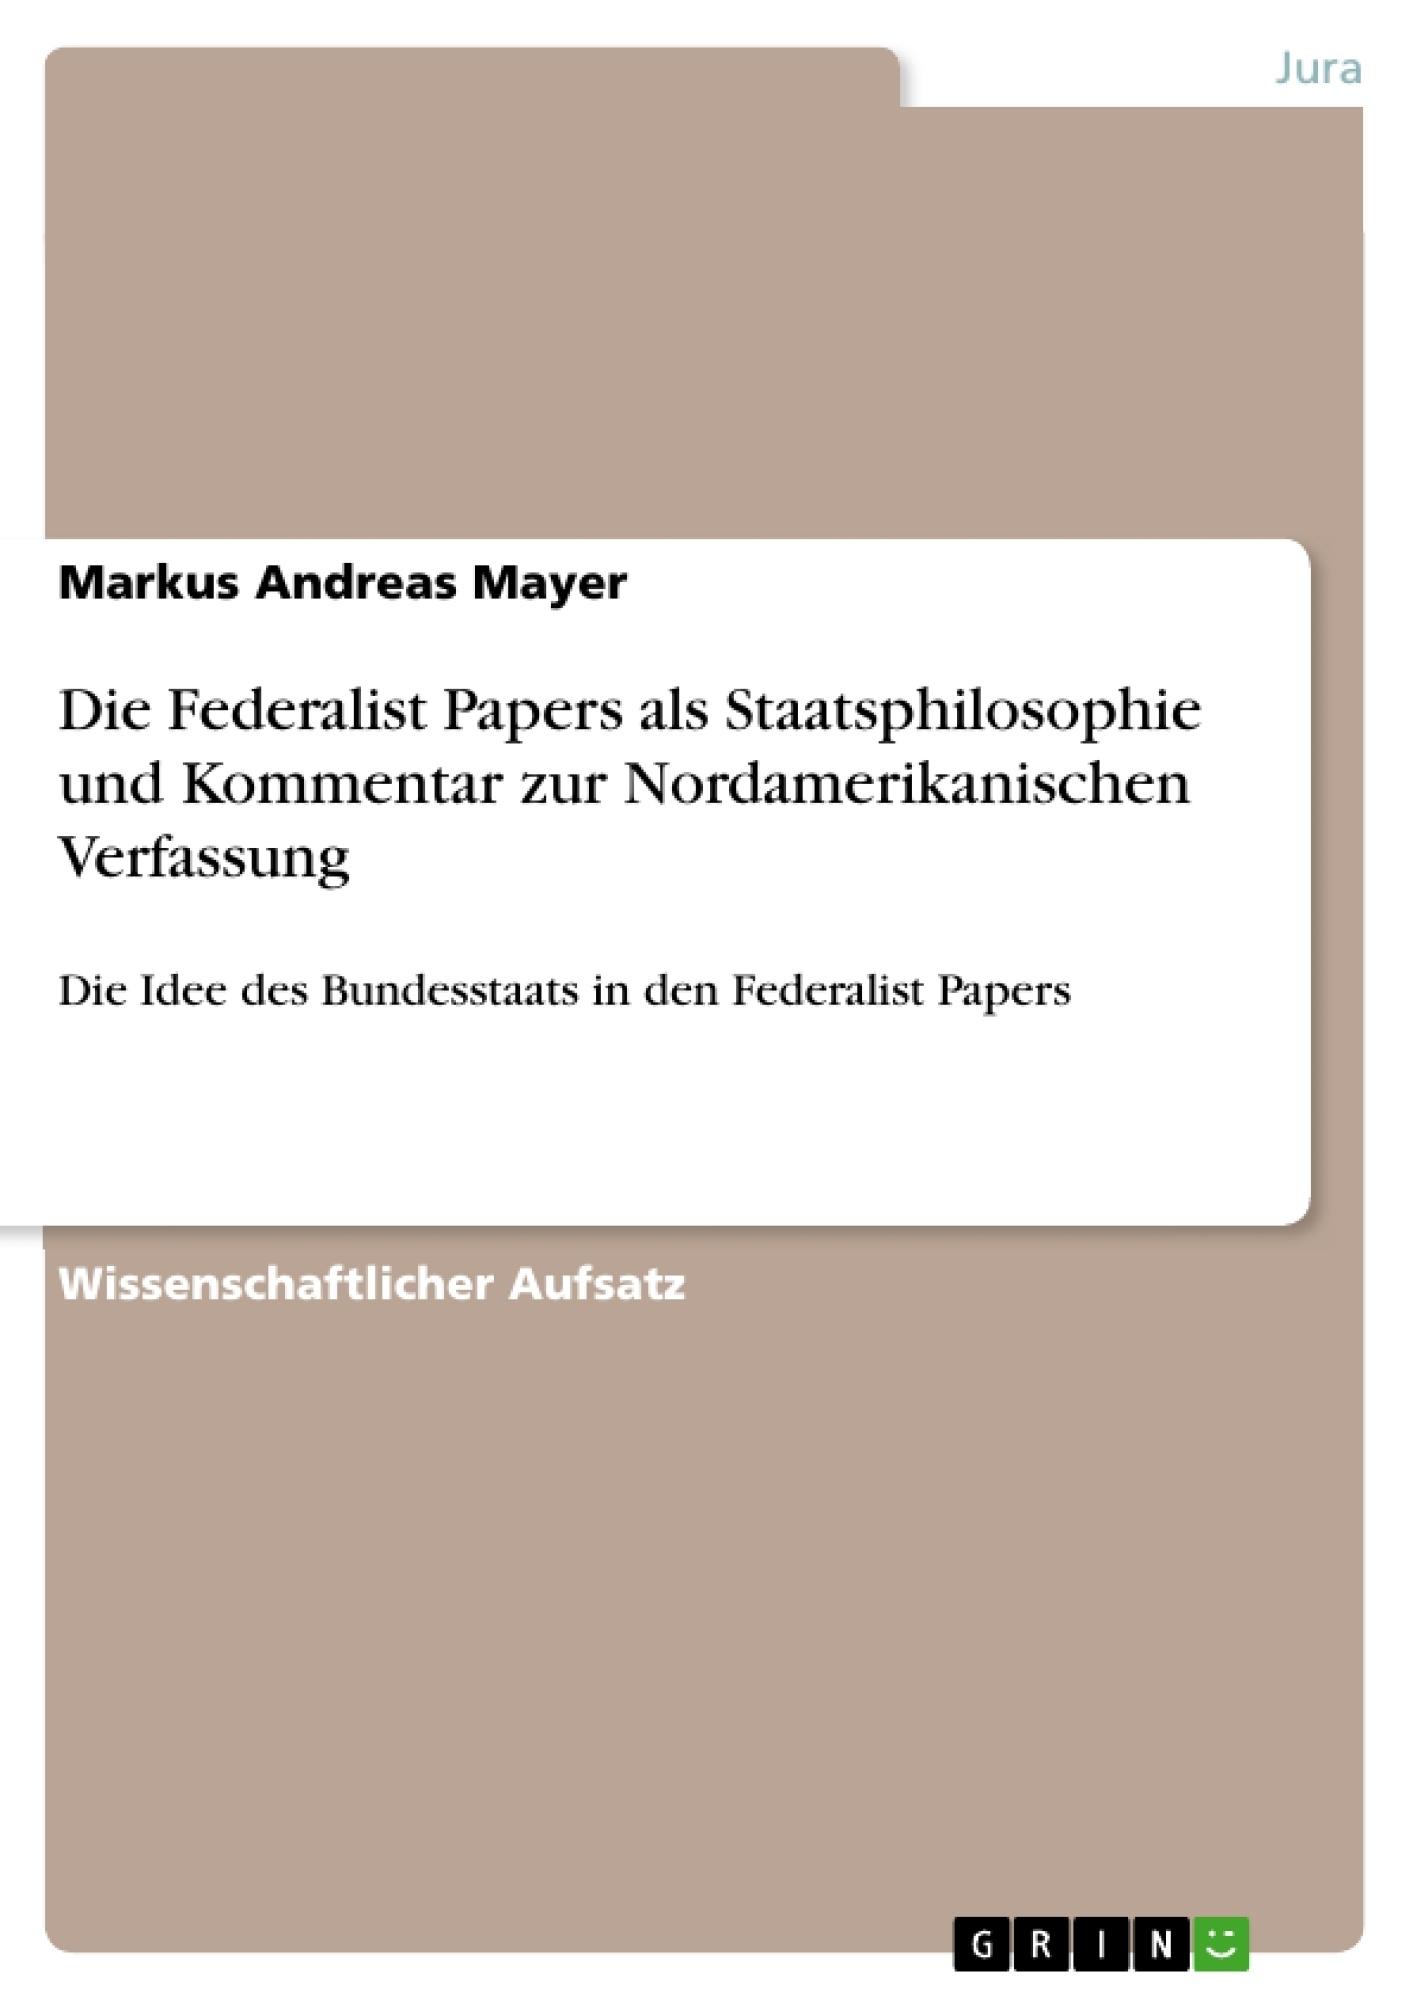 Titel: Die Federalist Papers als Staatsphilosophie und Kommentar zur Nordamerikanischen Verfassung